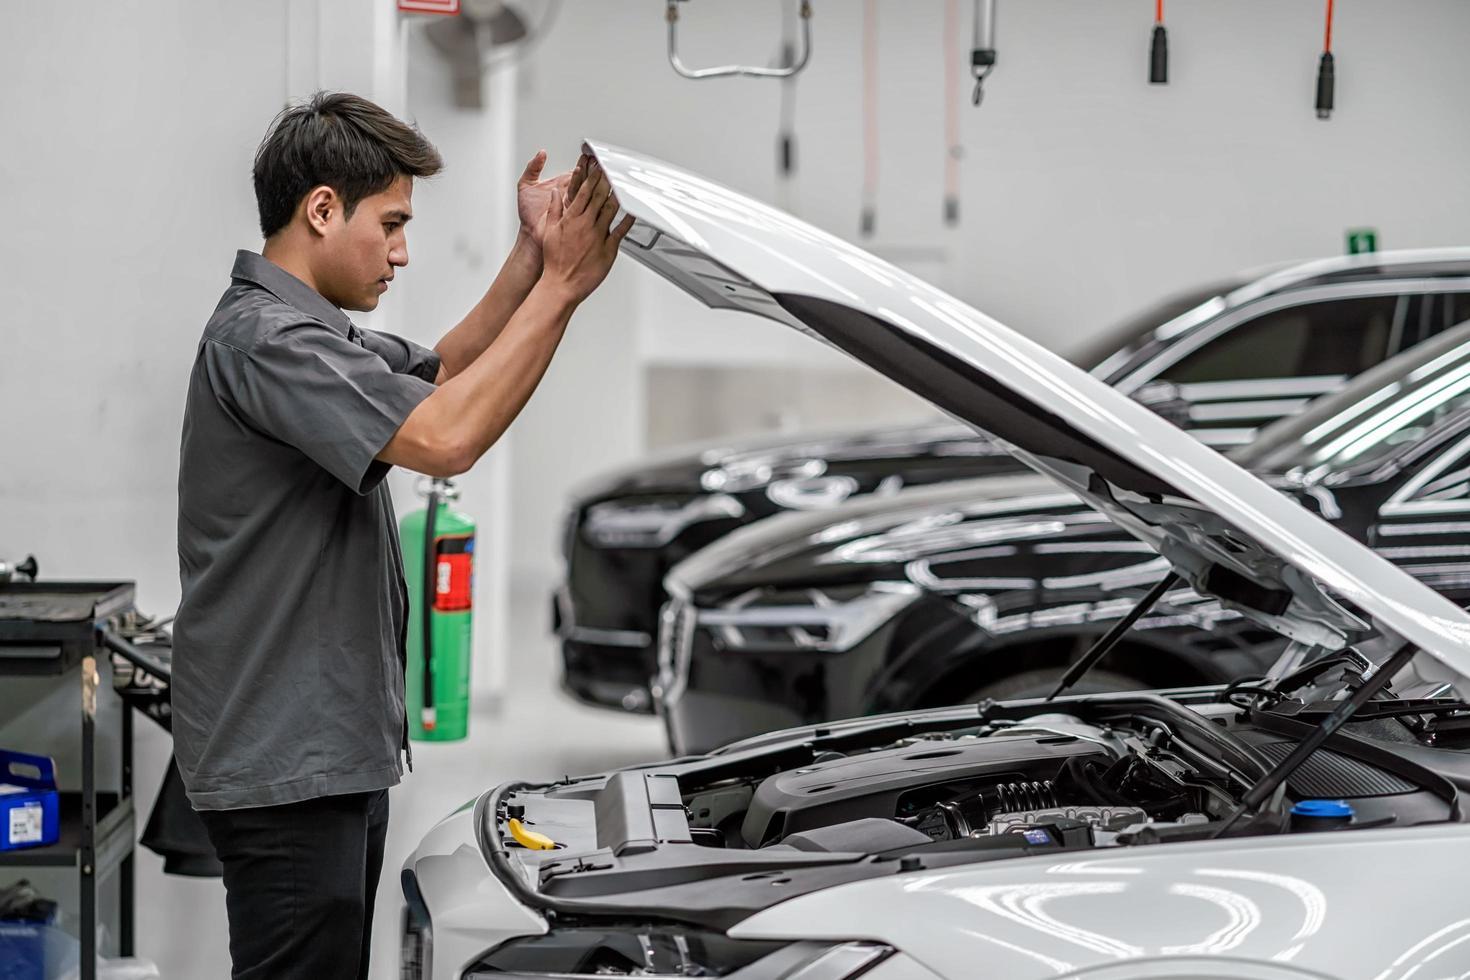 een monteur kijkt onder de motorkap van de auto van een klant in het onderhoudsservicecentrum foto